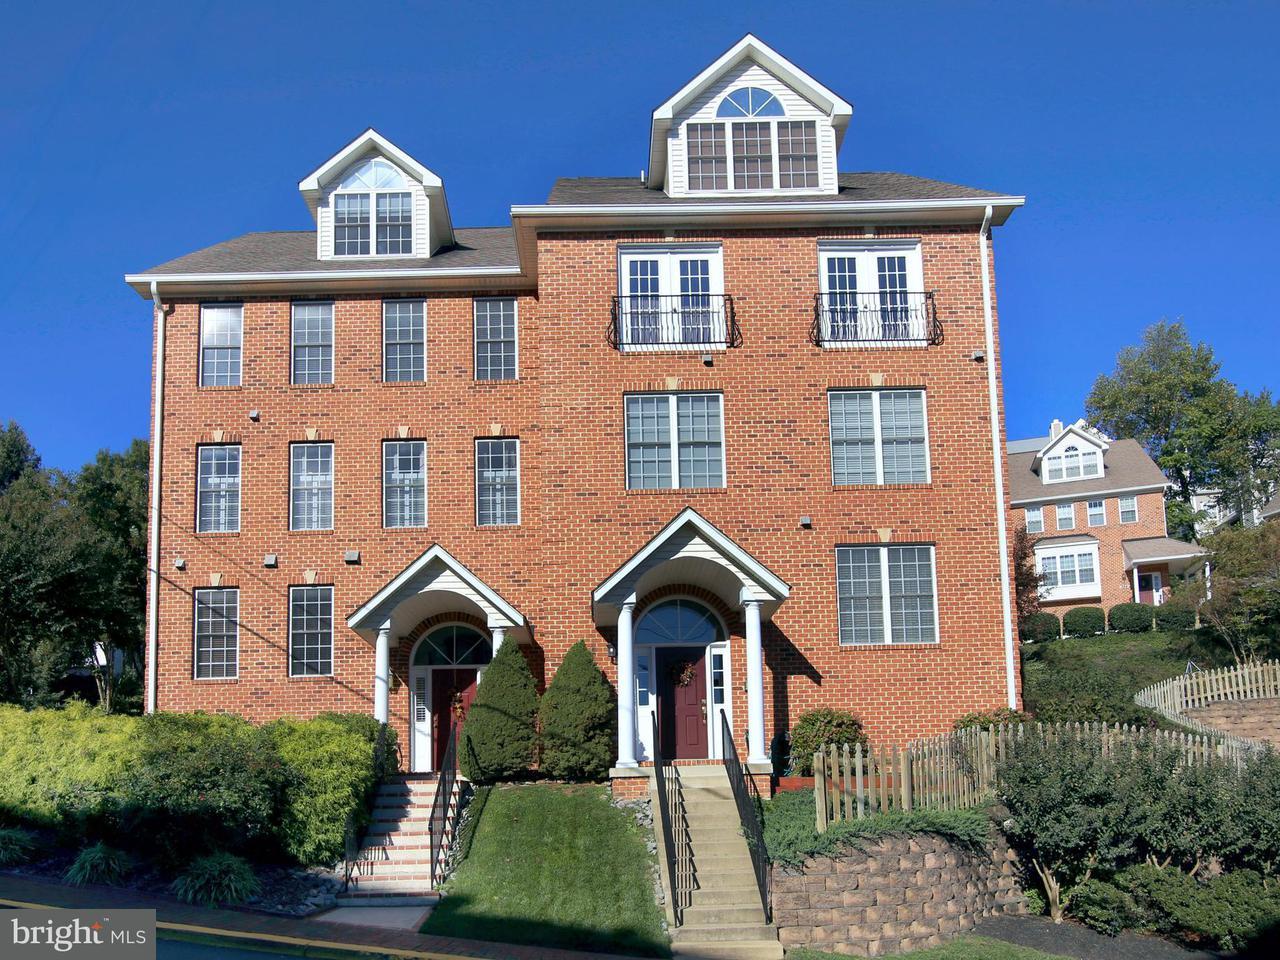 Σπίτι στην πόλη για την Πώληση στο 391 MYRTLE Place 391 MYRTLE Place Occoquan, Βιρτζινια 22125 Ηνωμενεσ Πολιτειεσ